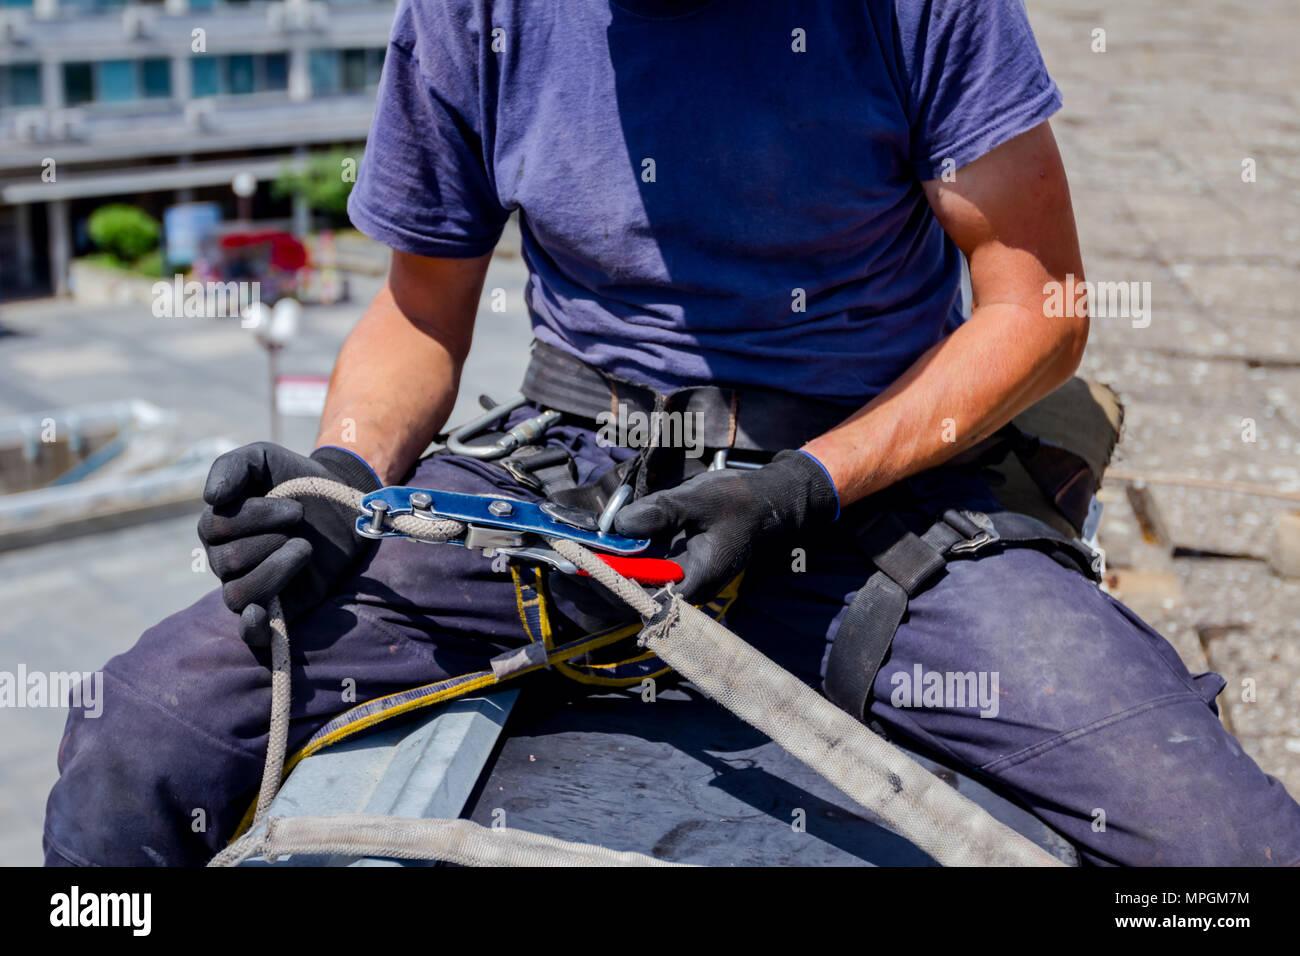 Kletterausrüstung Sicherung : Industriekletterer alpinisten passt die kletterausrüstung